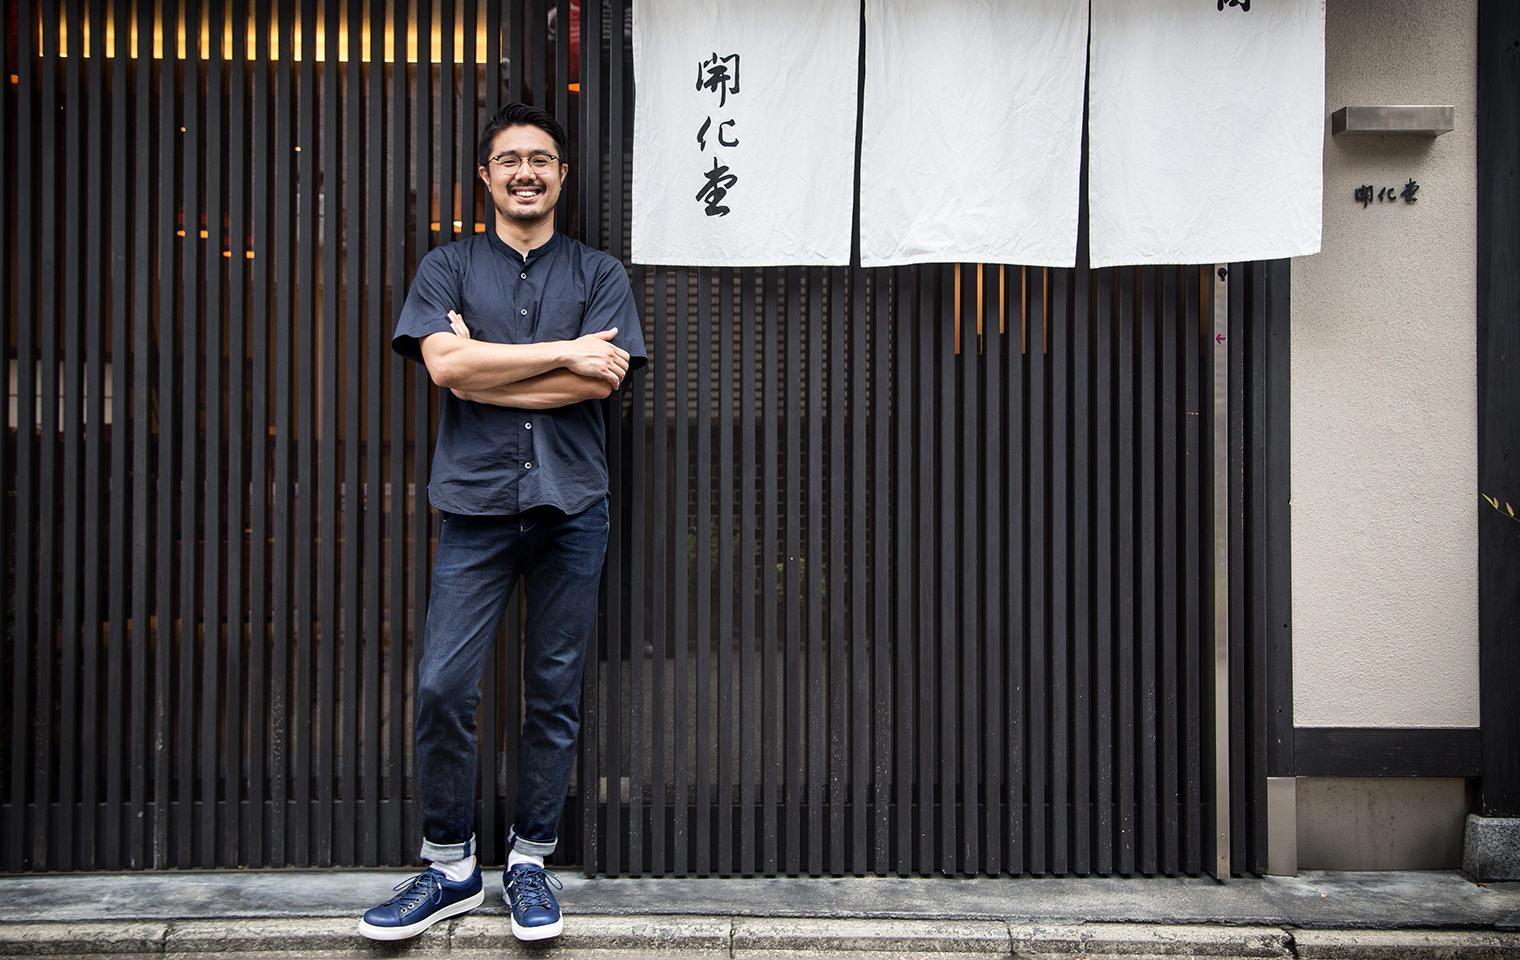 最高級茶筒司・開化堂6代目 八木 隆裕